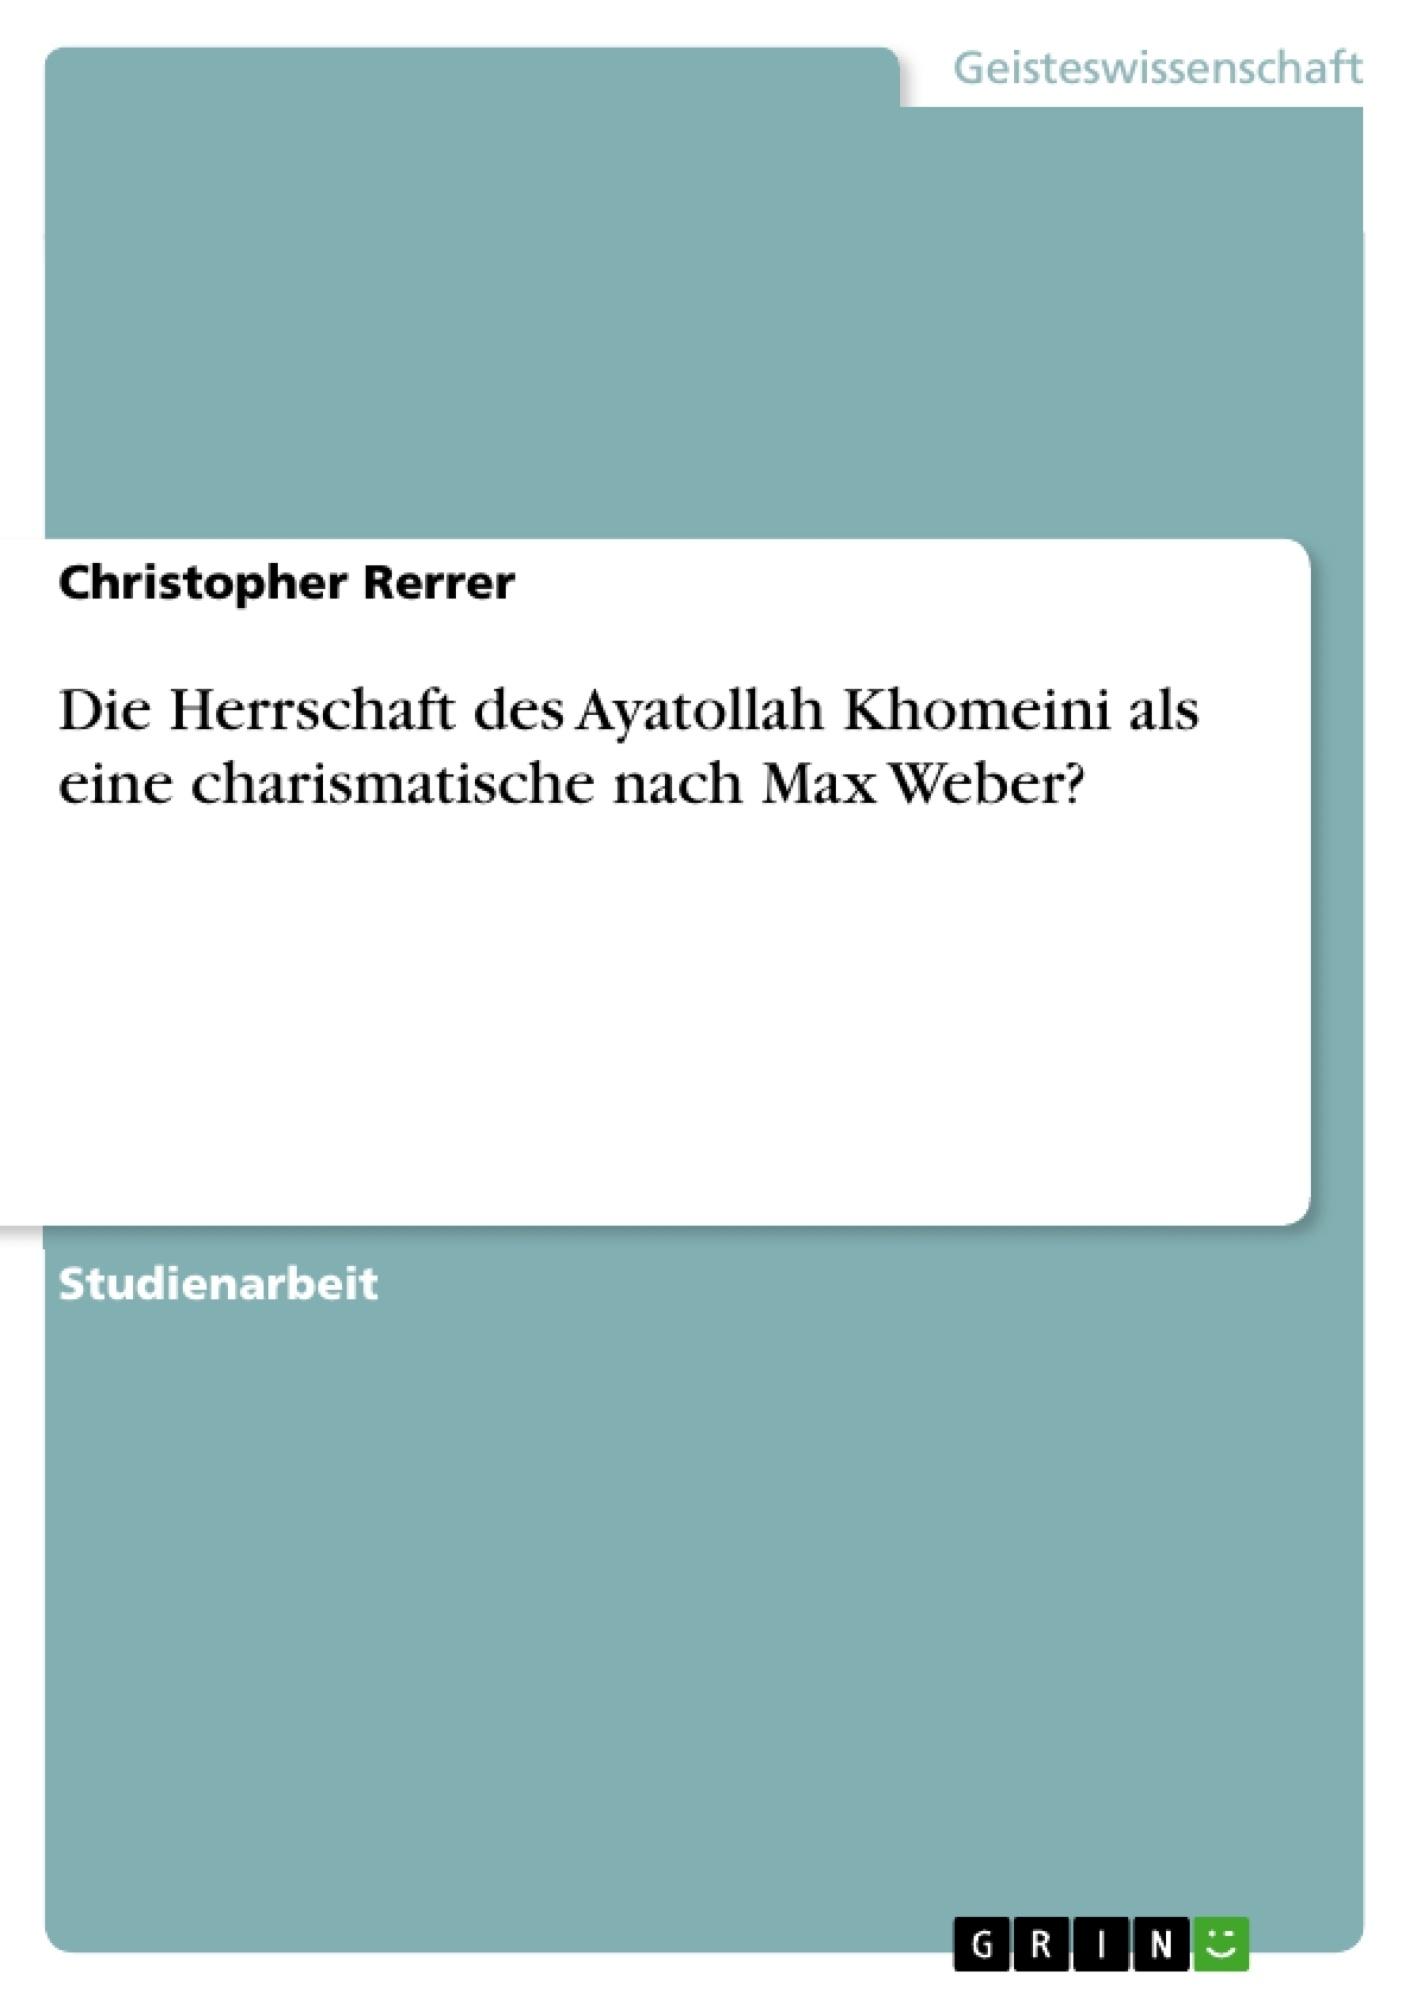 Titel: Die Herrschaft des Ayatollah Khomeini als eine charismatische nach Max Weber?